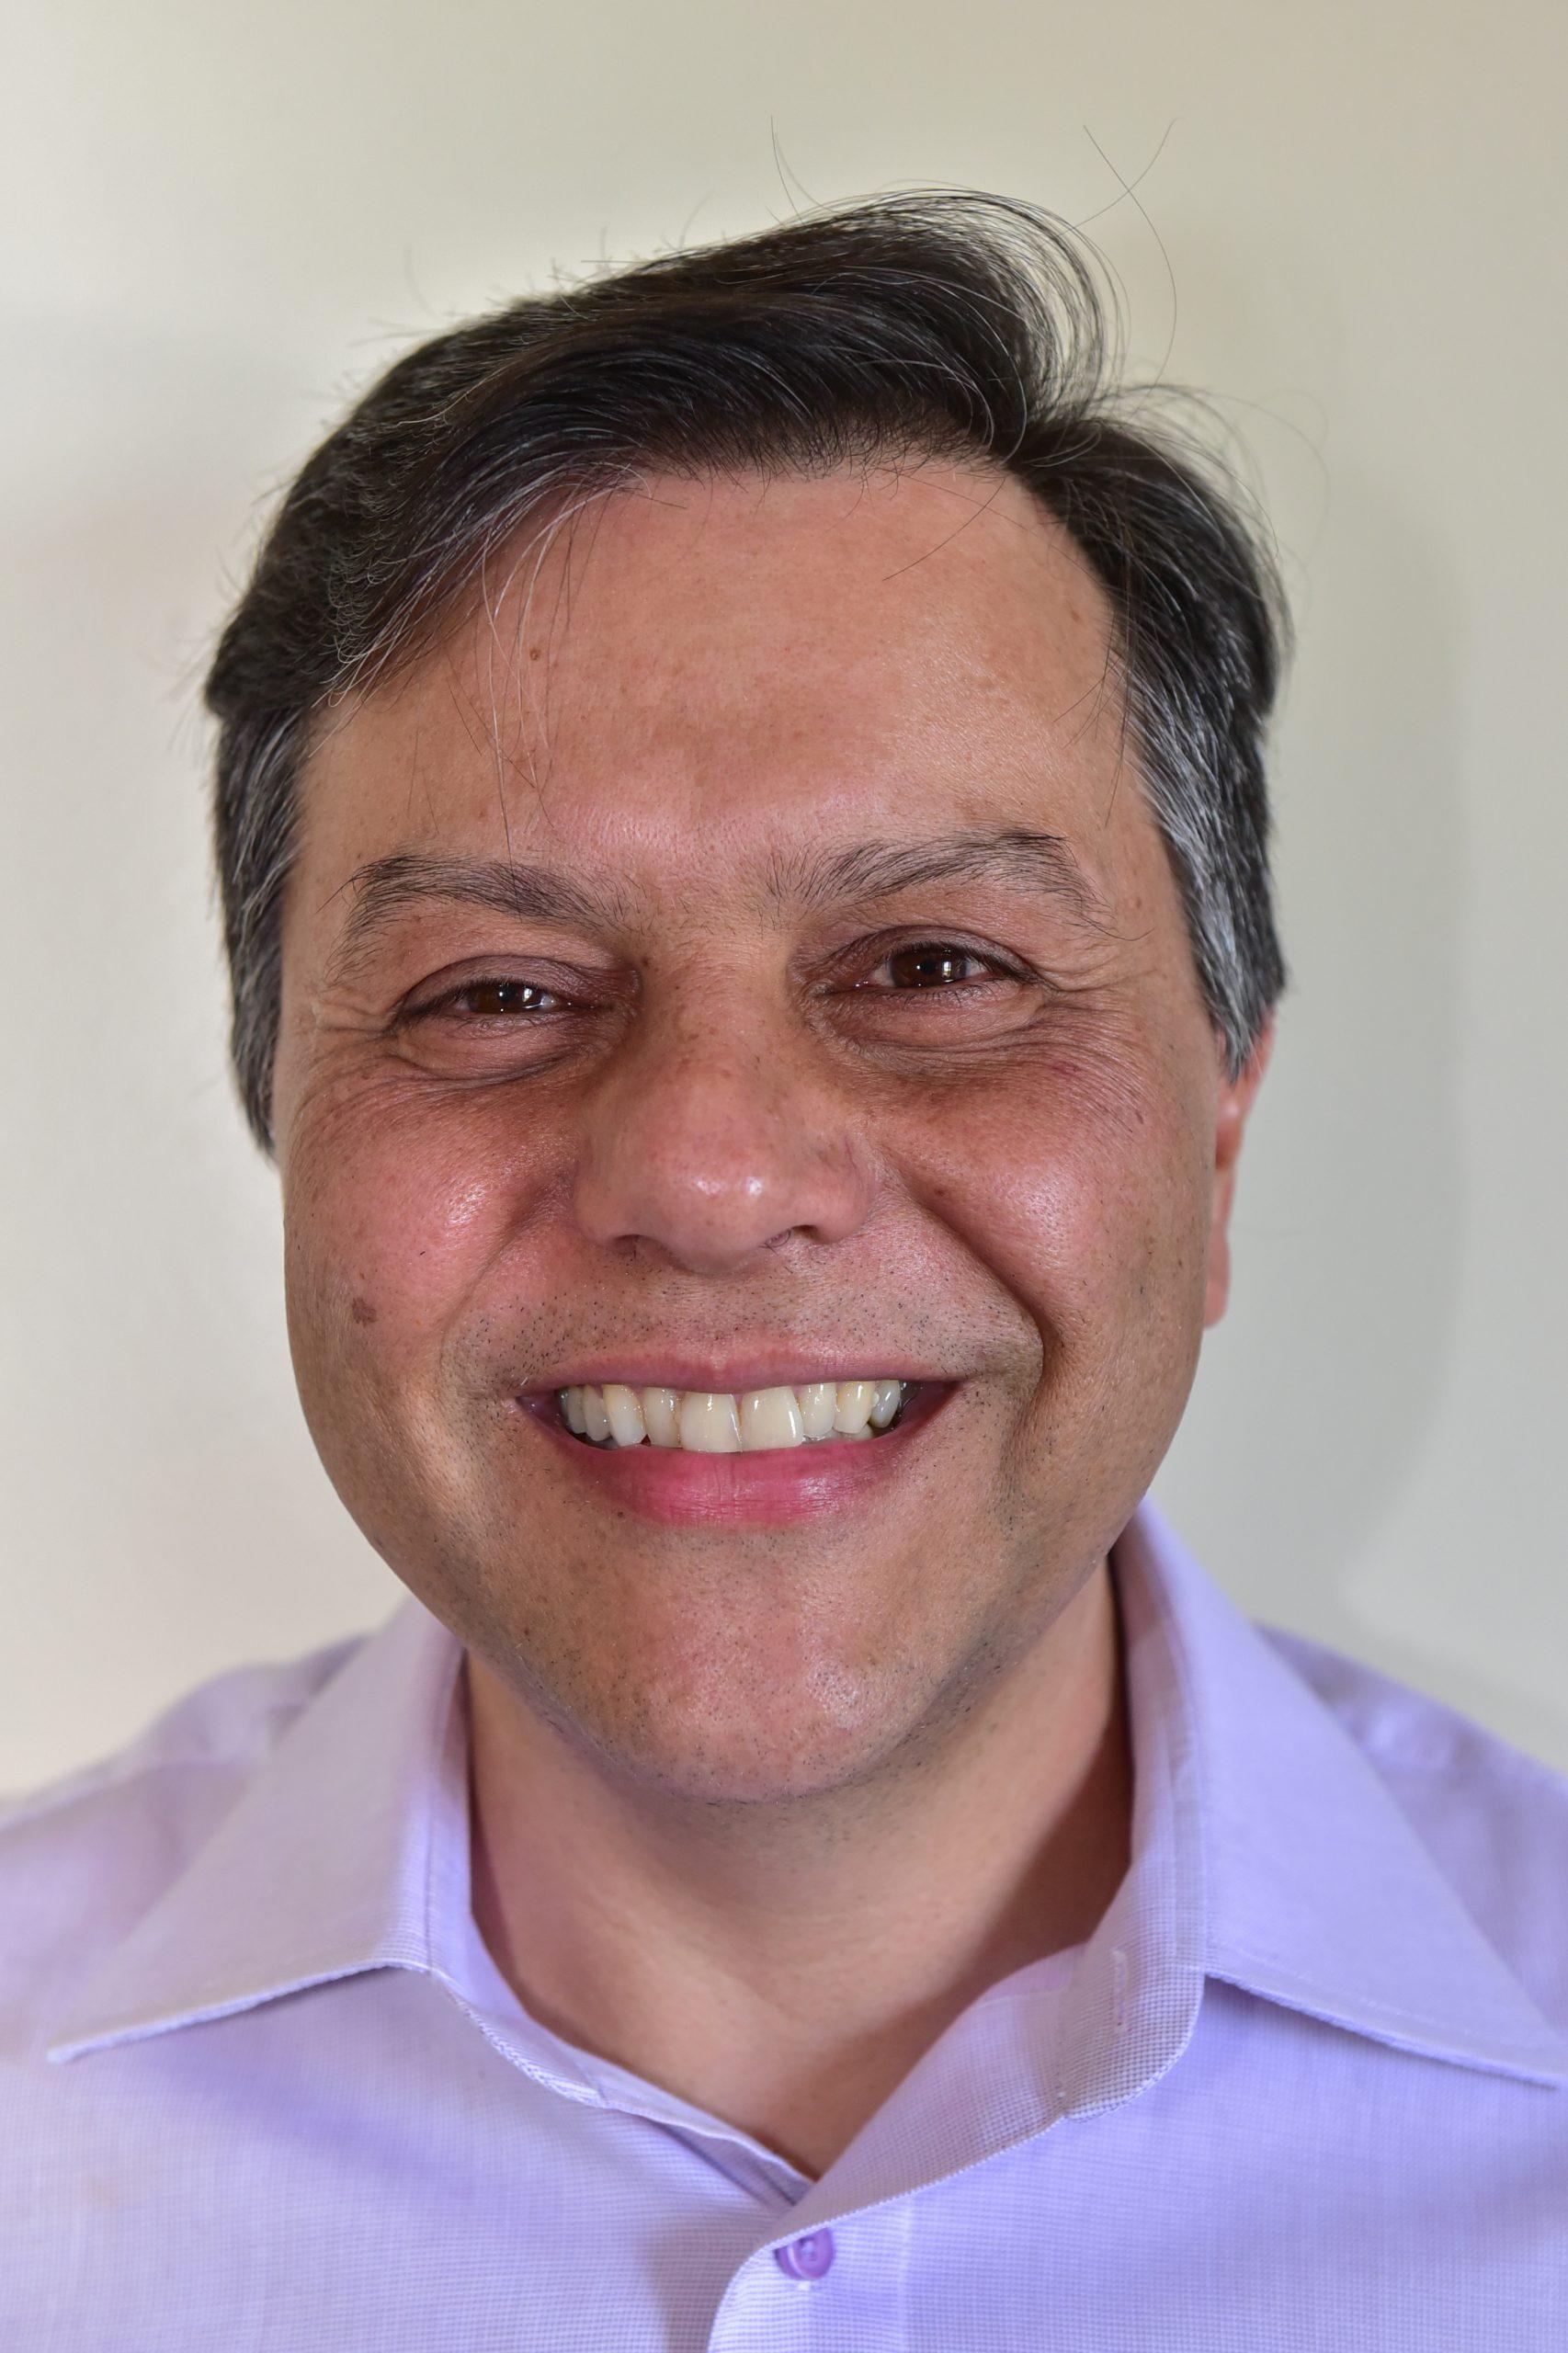 Marco Aurélio Mendes